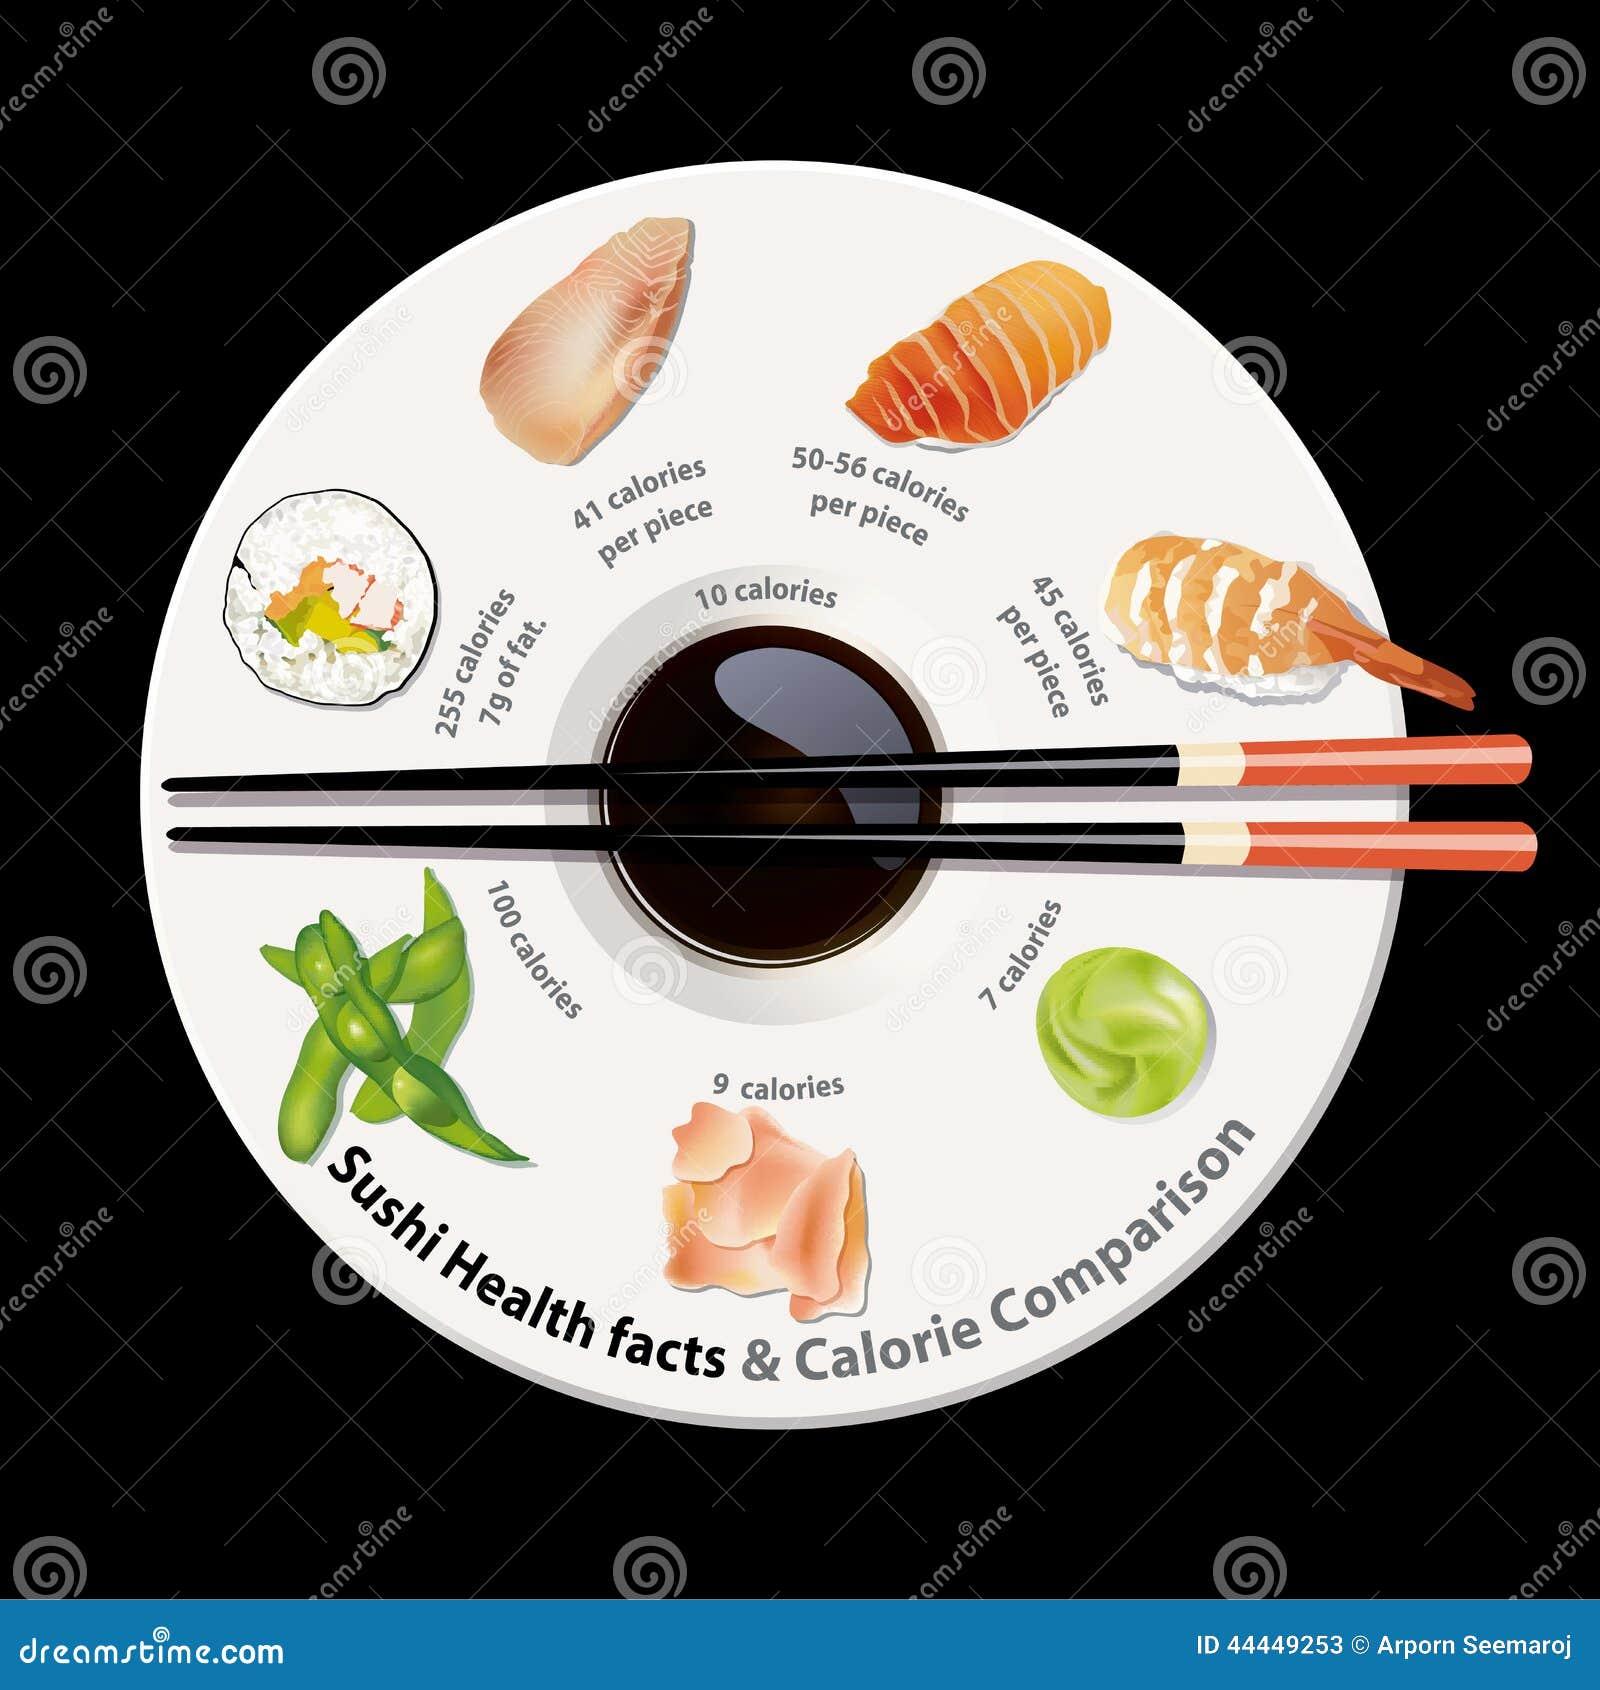 Vecteur des faits de nutrition des sushi